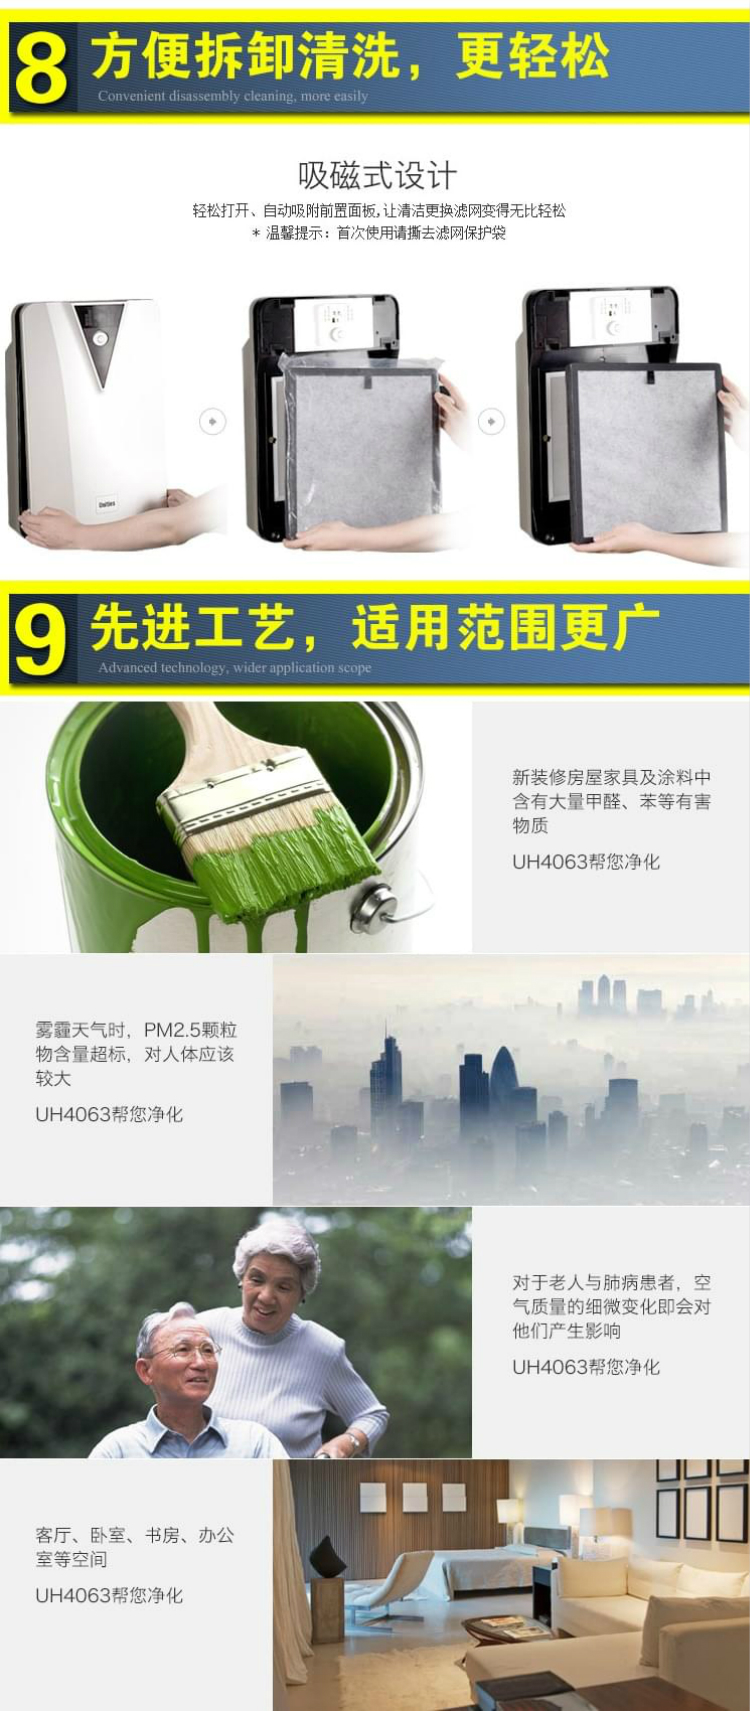 空气净化器淘宝详情页设计5